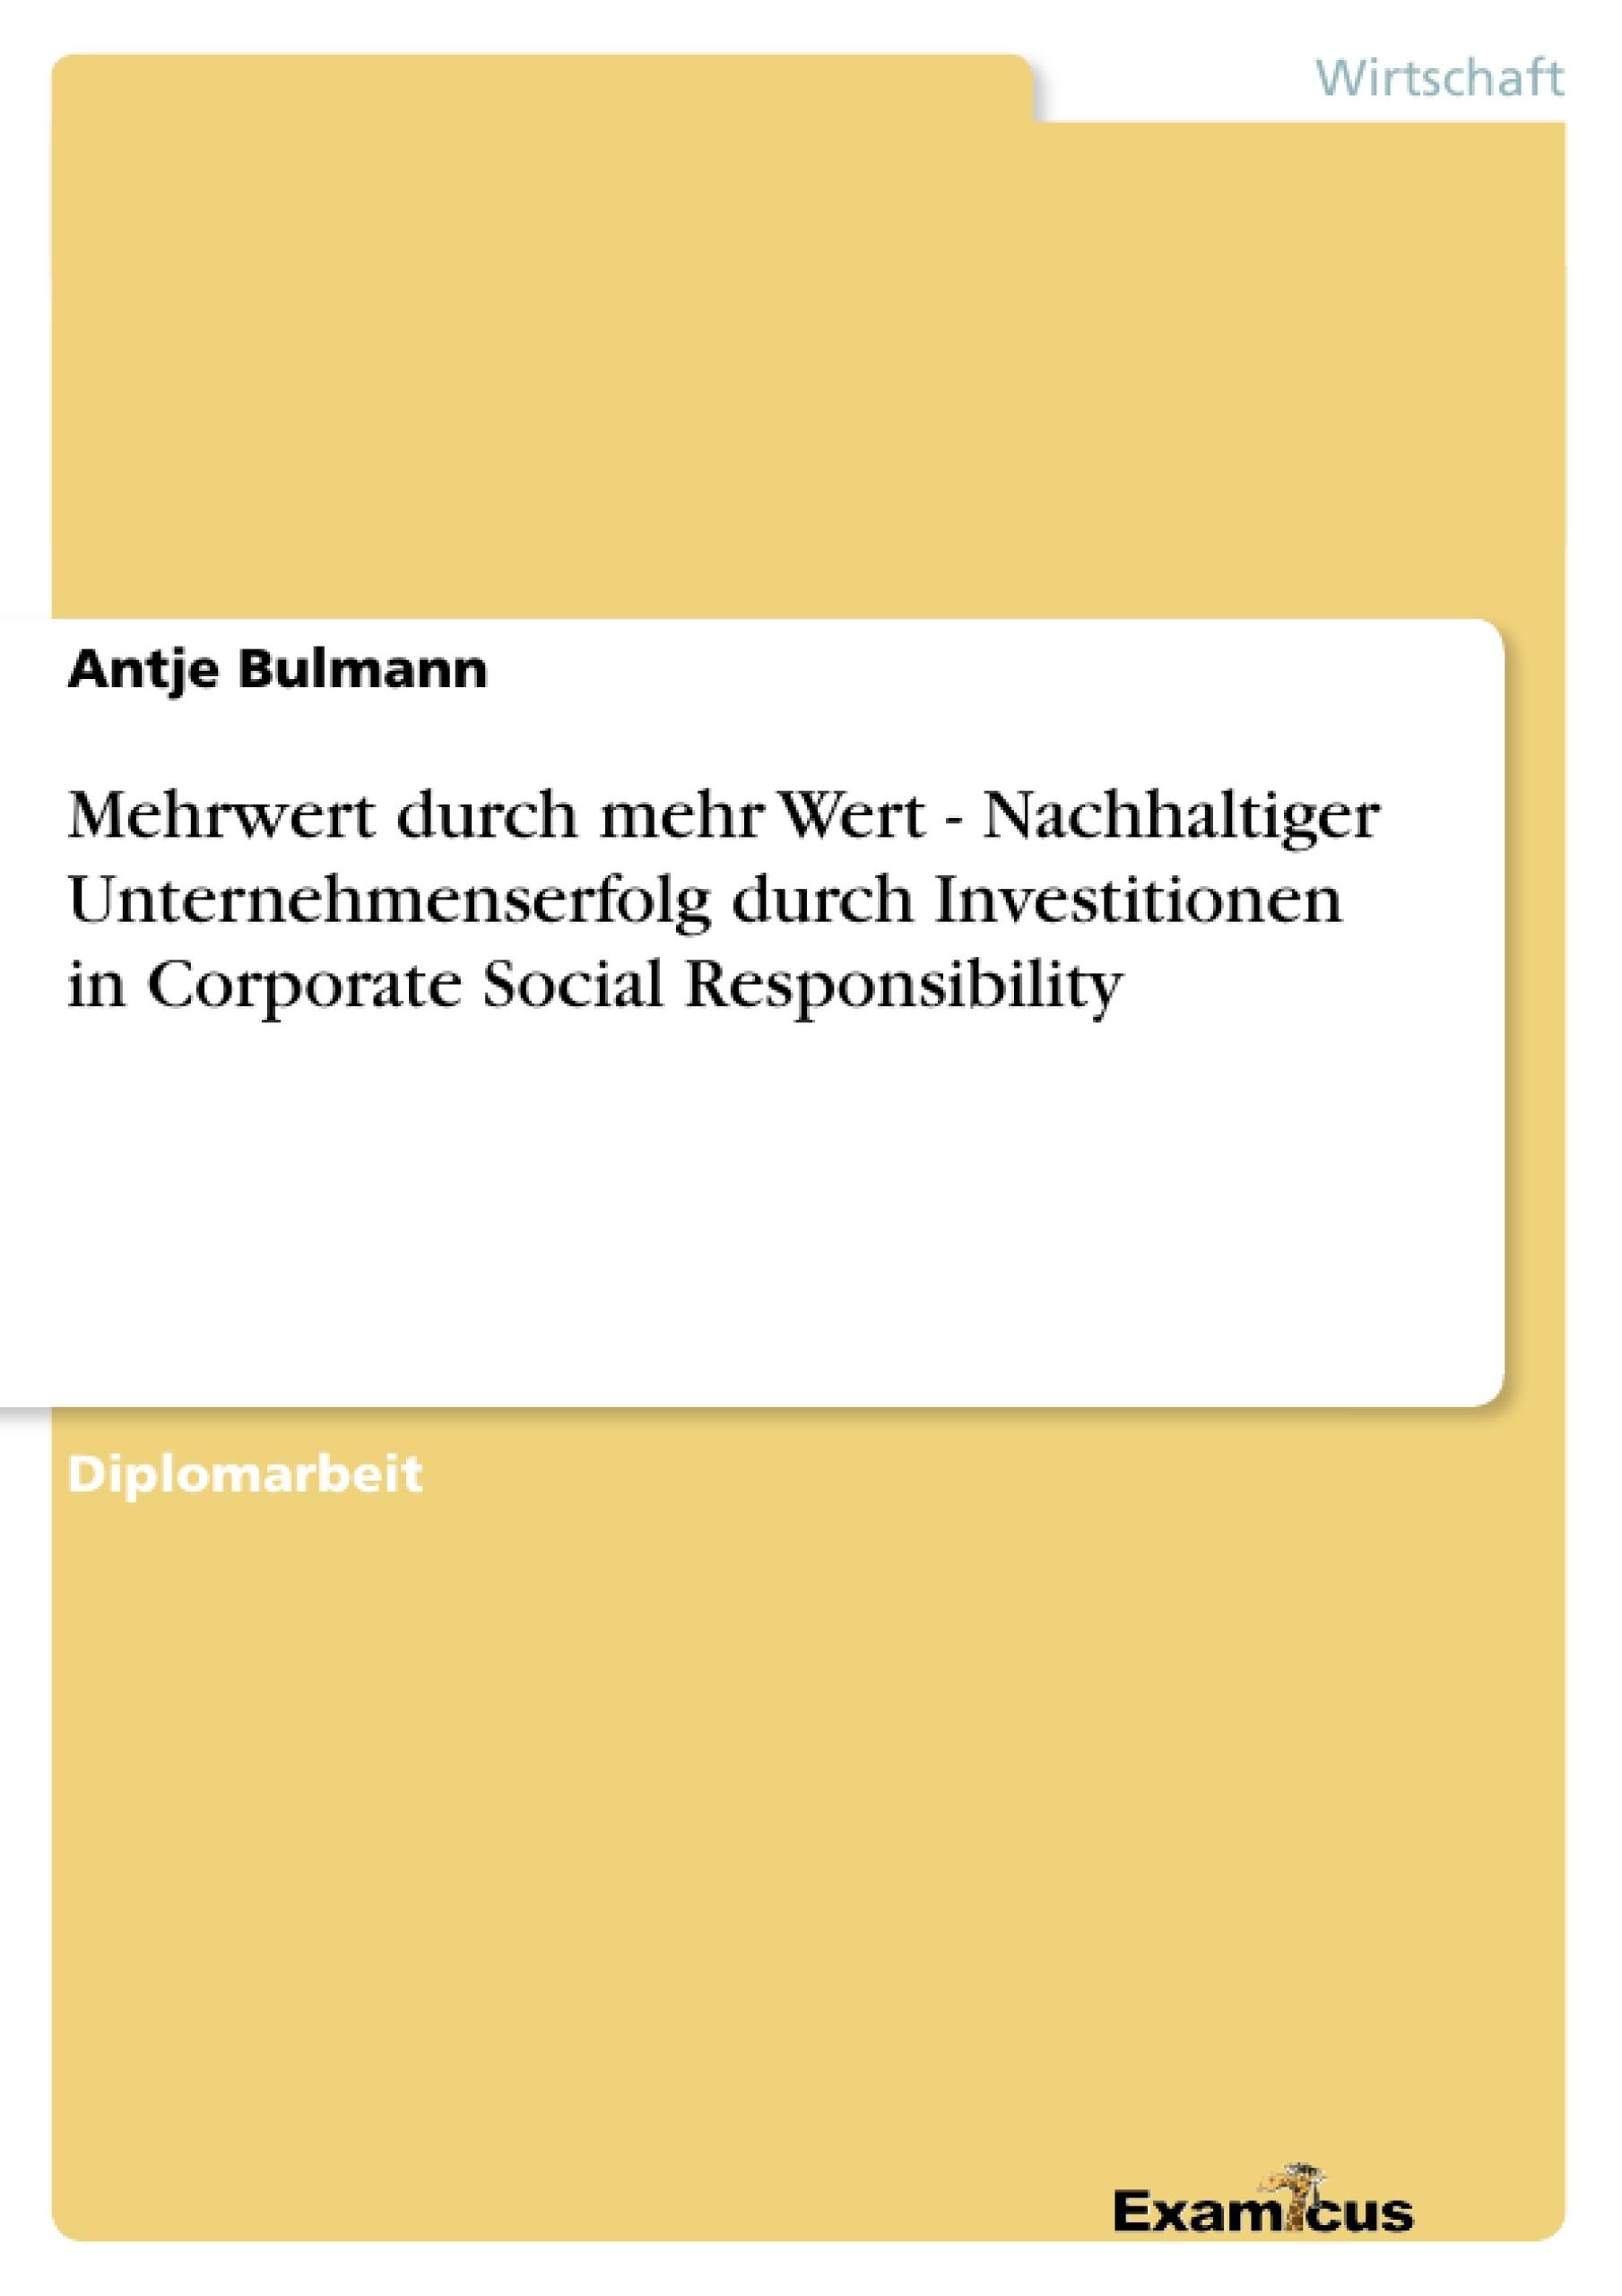 Titel: Mehrwert durch mehr Wert - Nachhaltiger Unternehmenserfolg durch Investitionen in Corporate Social Responsibility